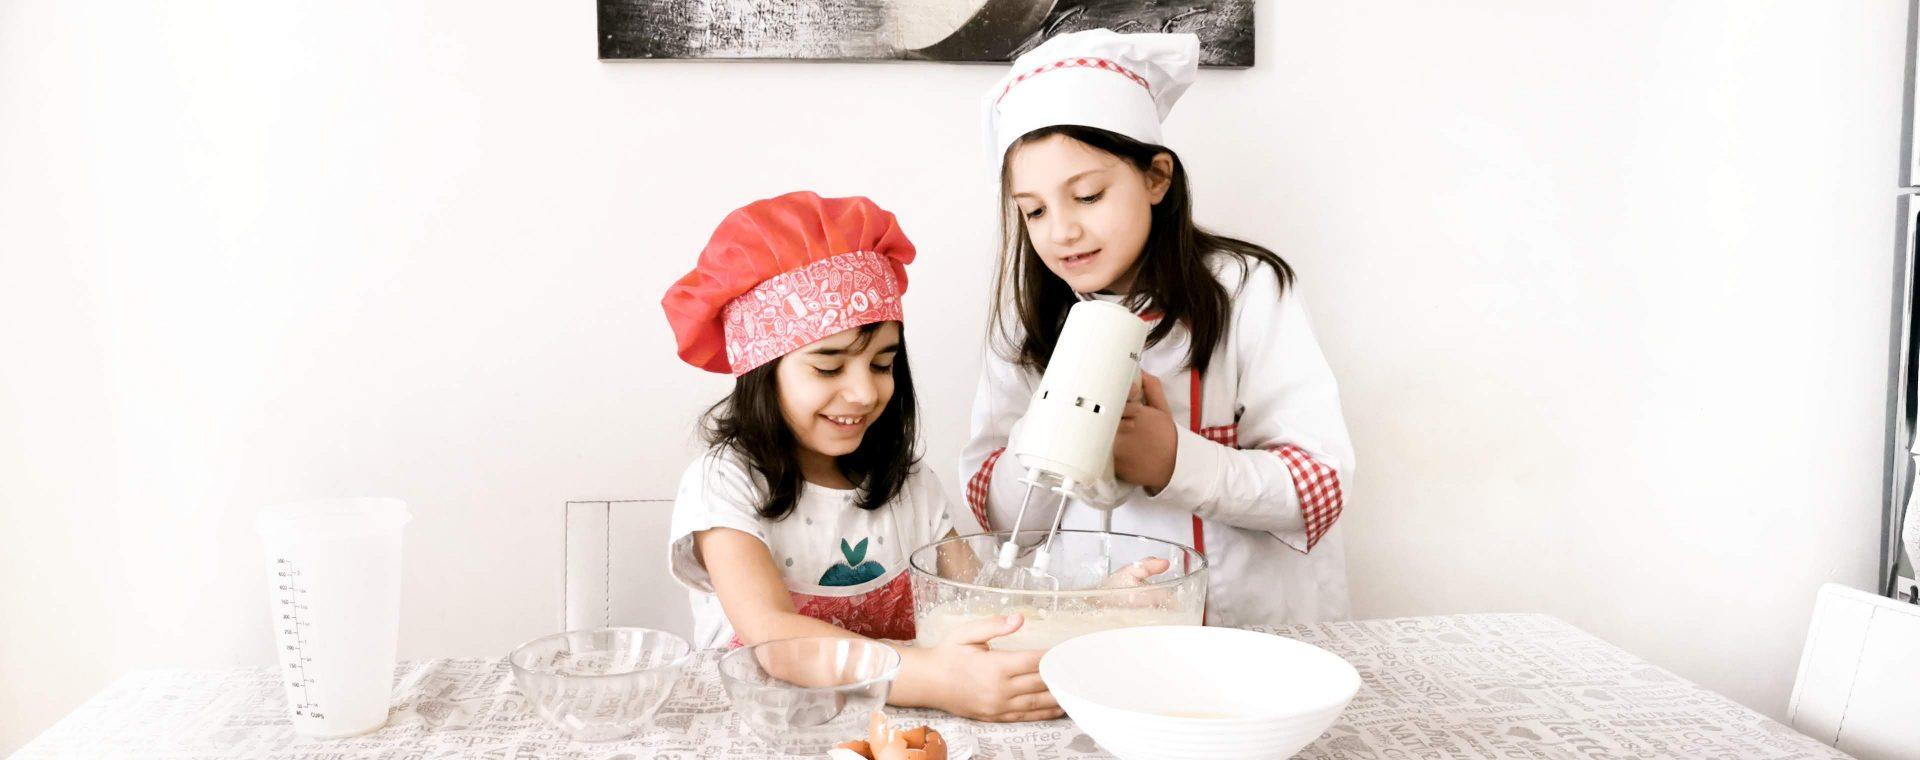 ricette facili per cucinare in compagnia, a prova di mamma pasticciona senza tempo